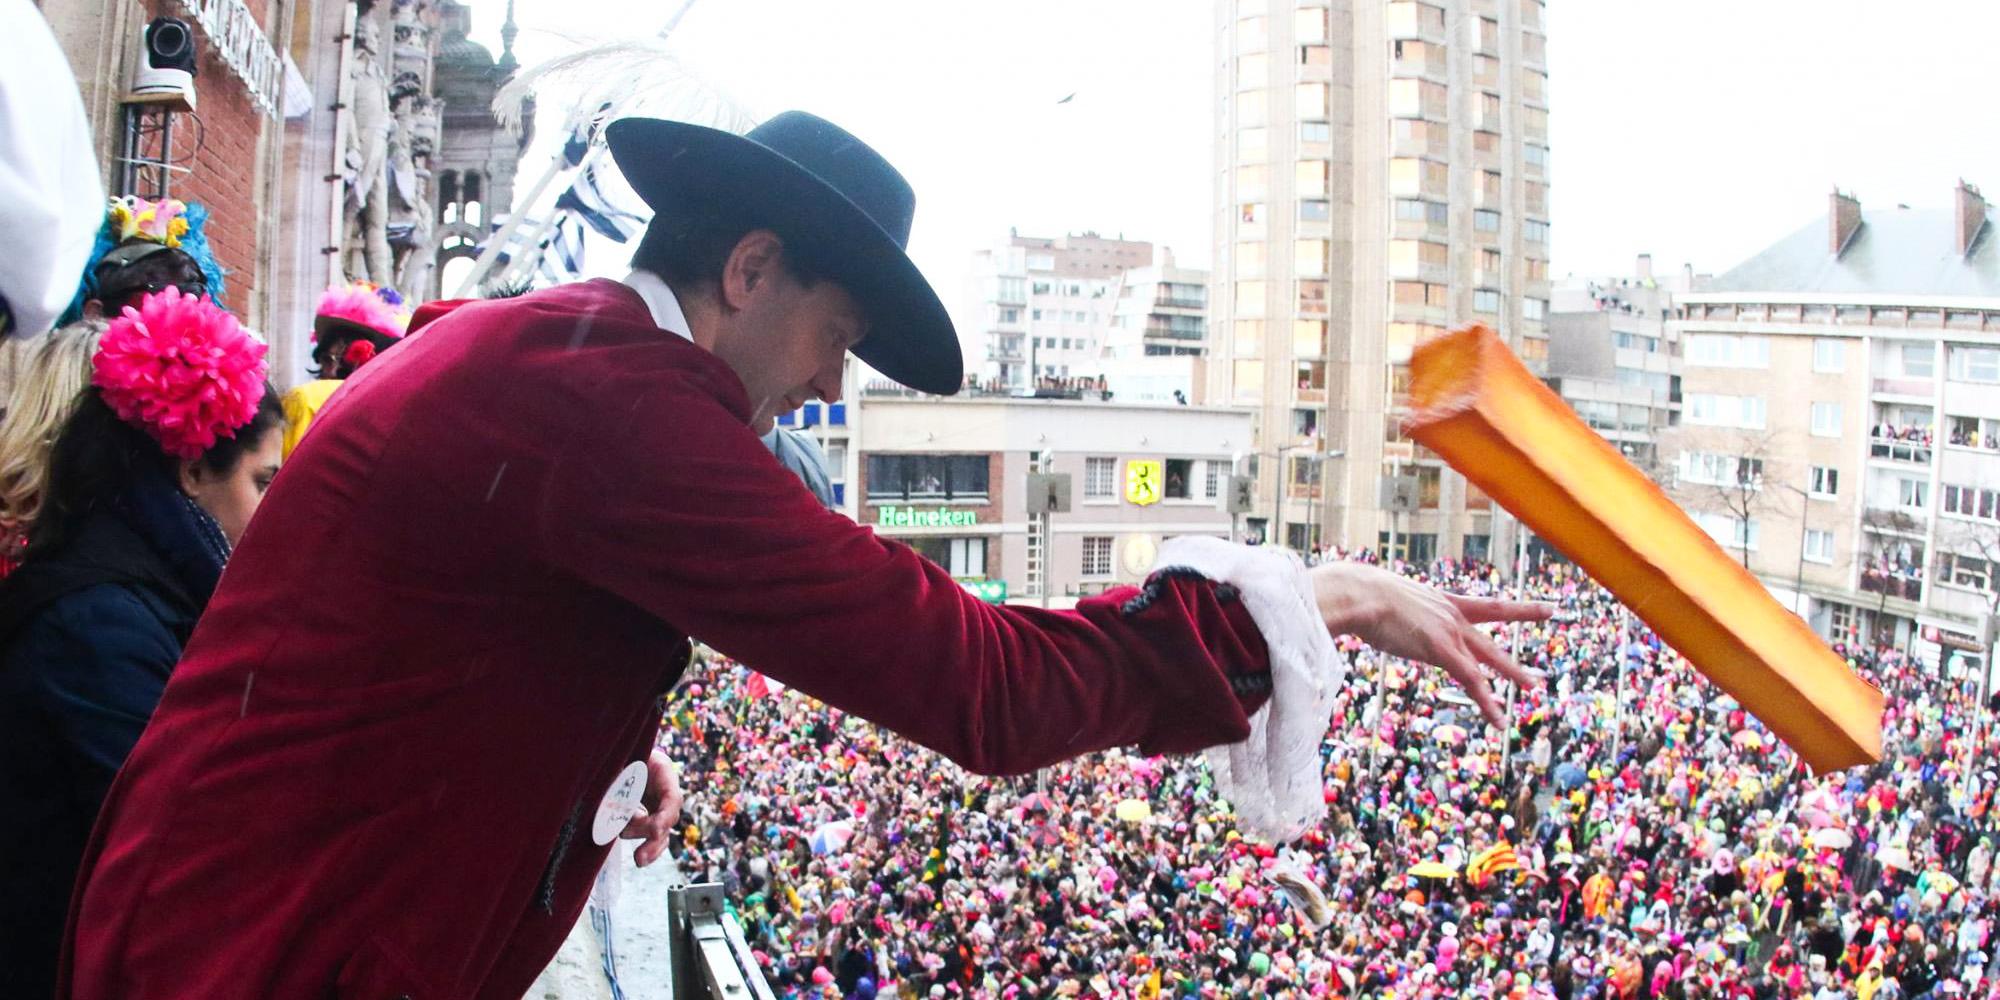 Le Maire de Dunkerque, Monsieur Patrice Vergriete jette une frite géante dans la foule pendant le Carnaval - fabrication Cobalt Fx